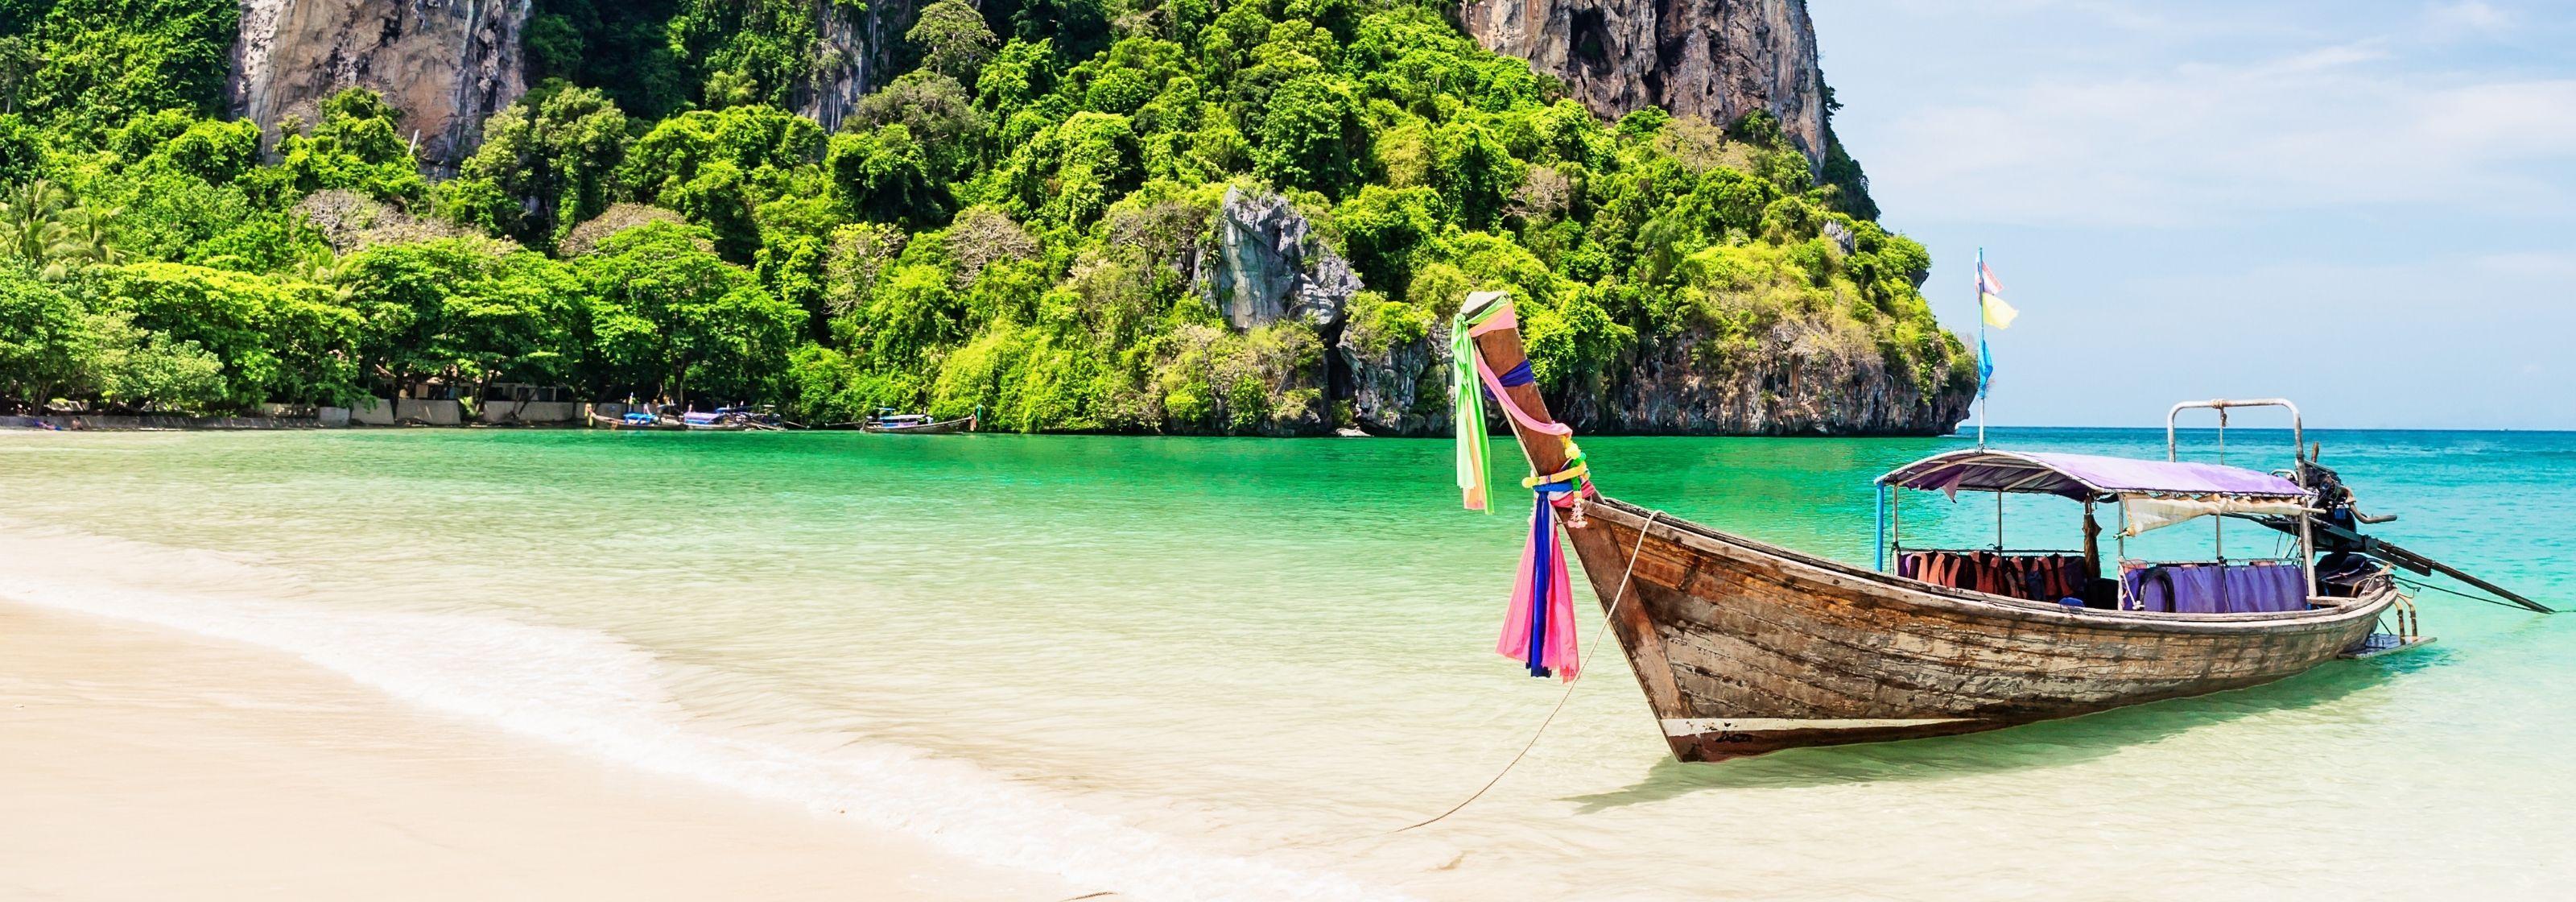 Cosas que hacer en Phuket